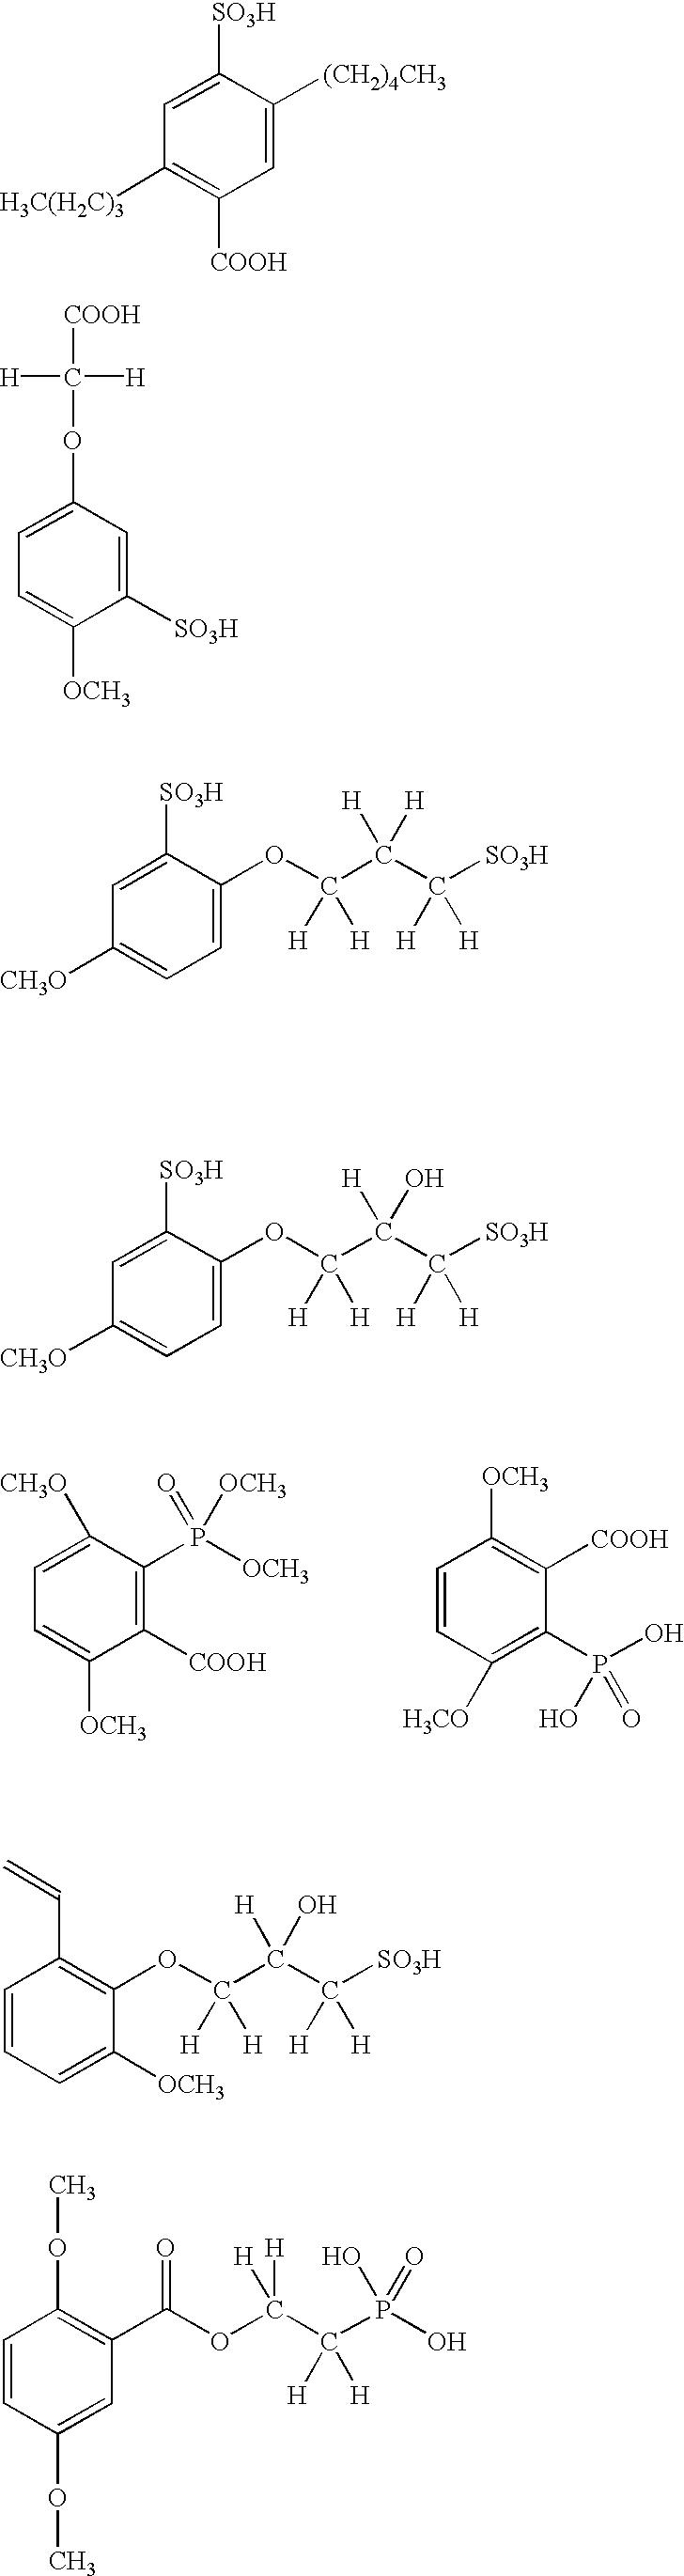 Figure US06861458-20050301-C00040